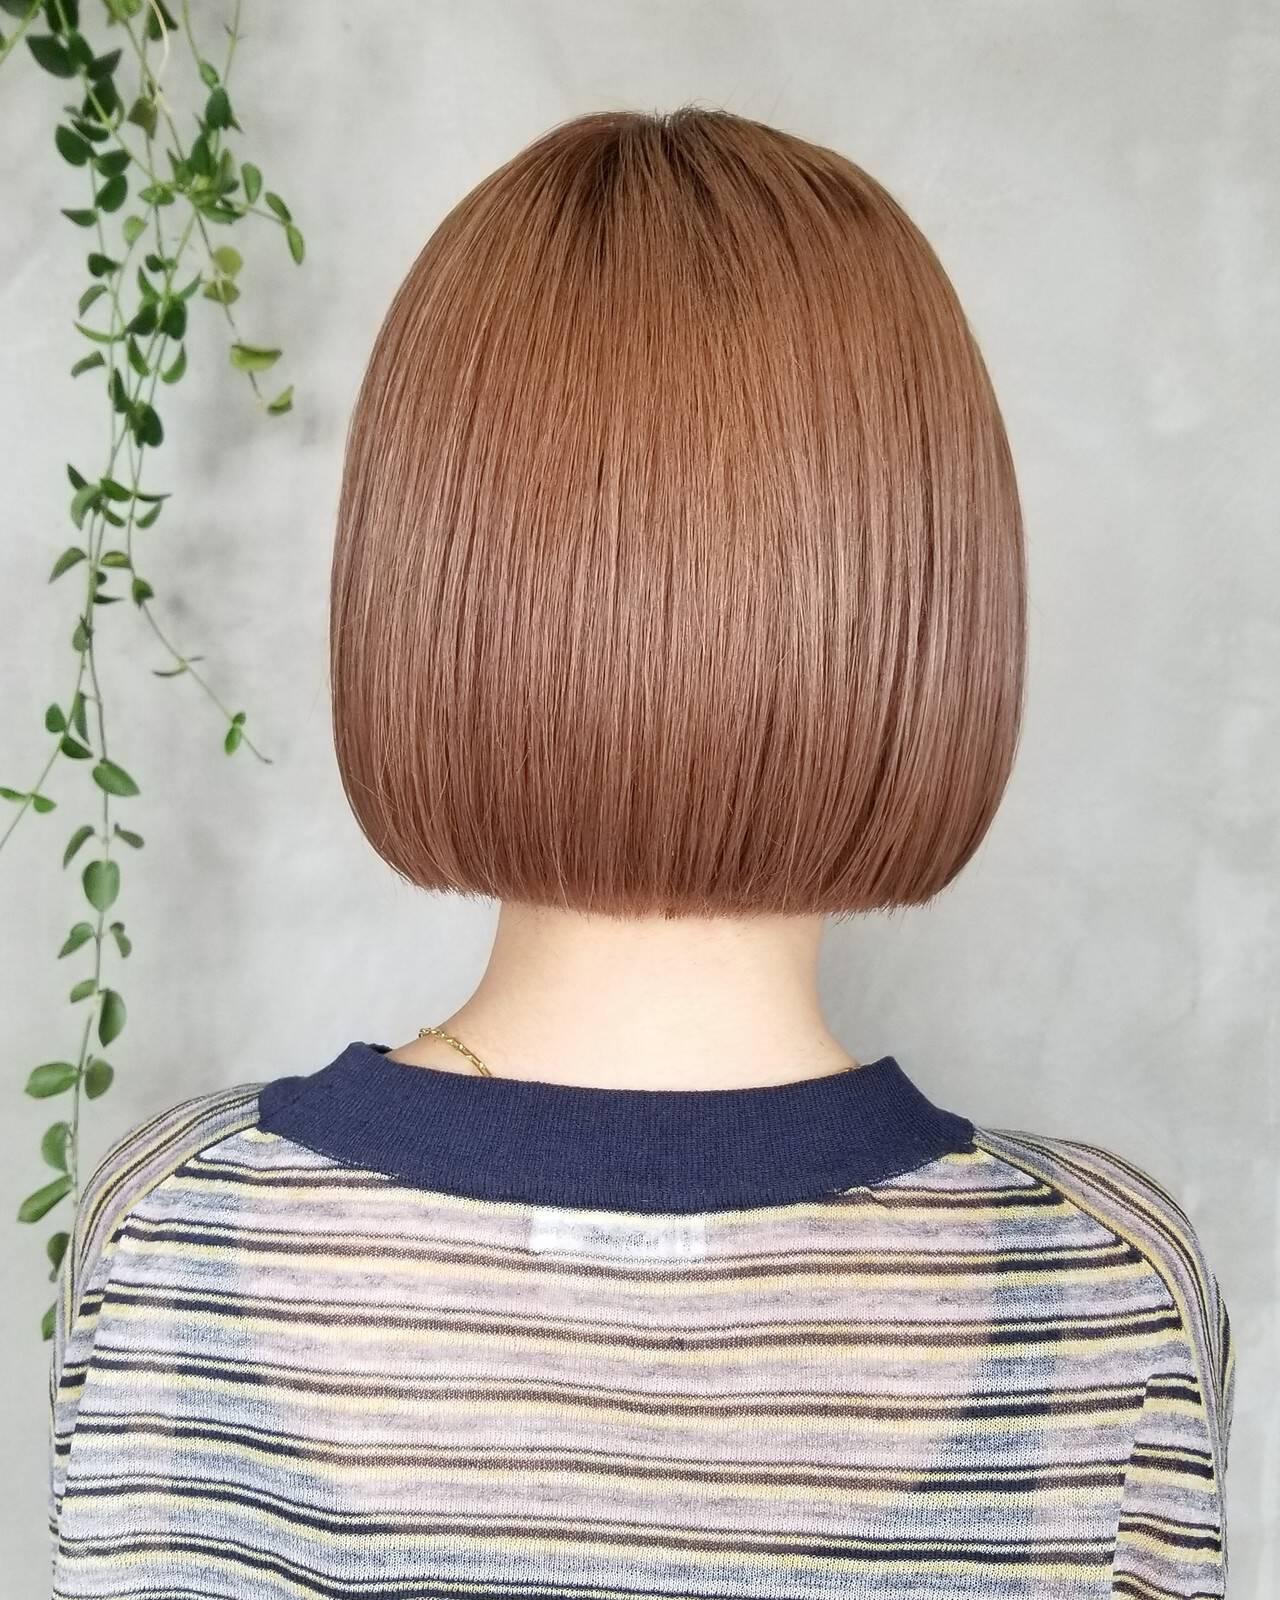 ボブ 切りっぱなし 切りっぱなしボブ ナチュラルヘアスタイルや髪型の写真・画像